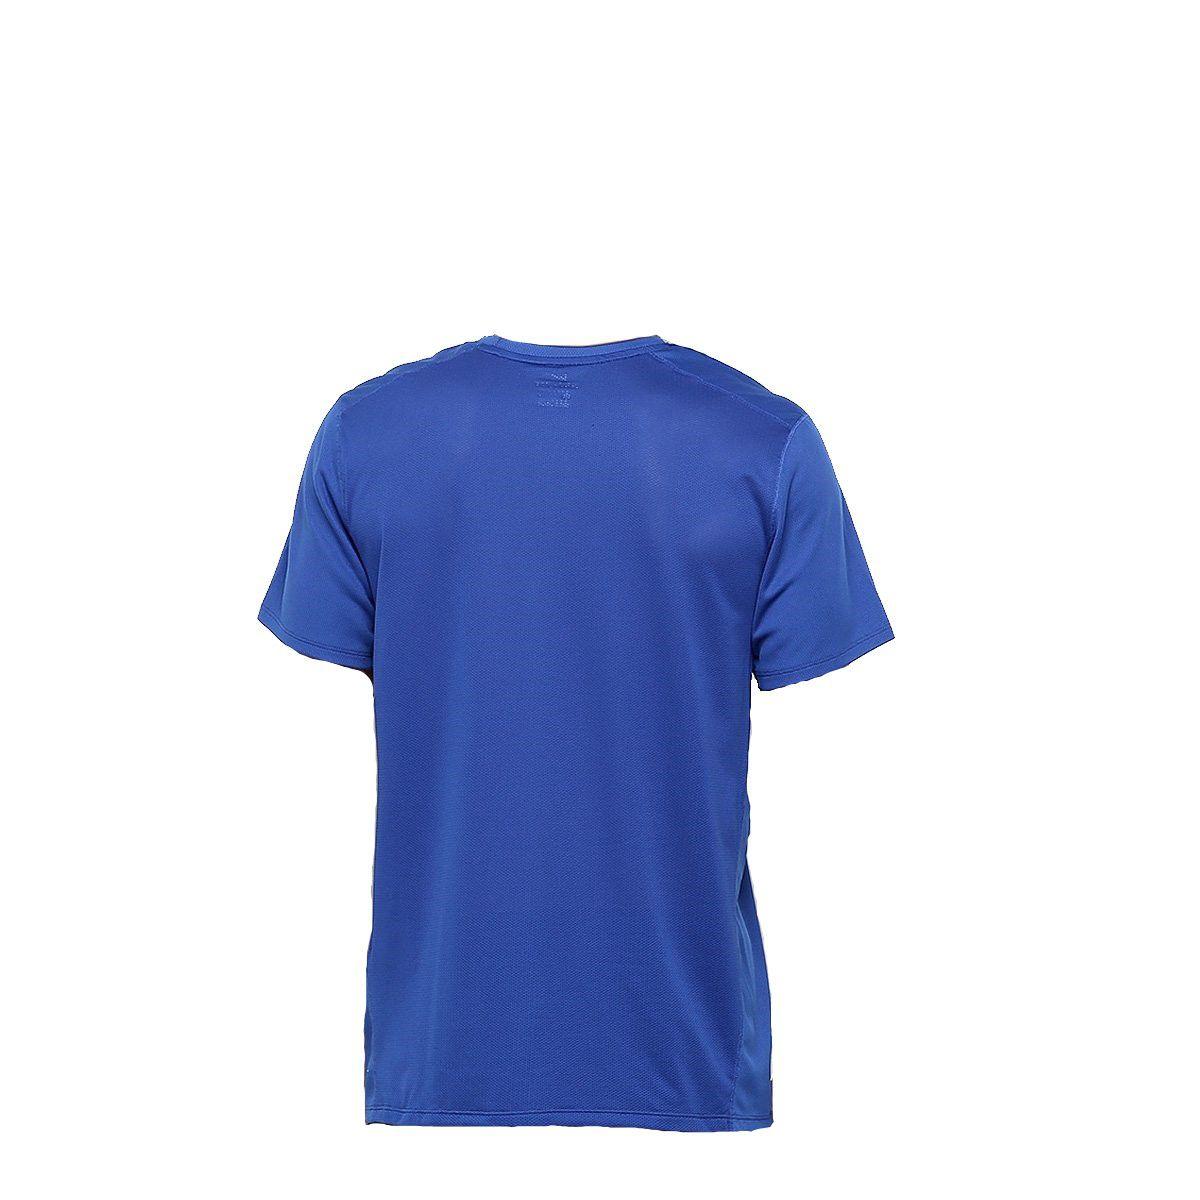 Camiseta Nike Top SS Azul Escuro